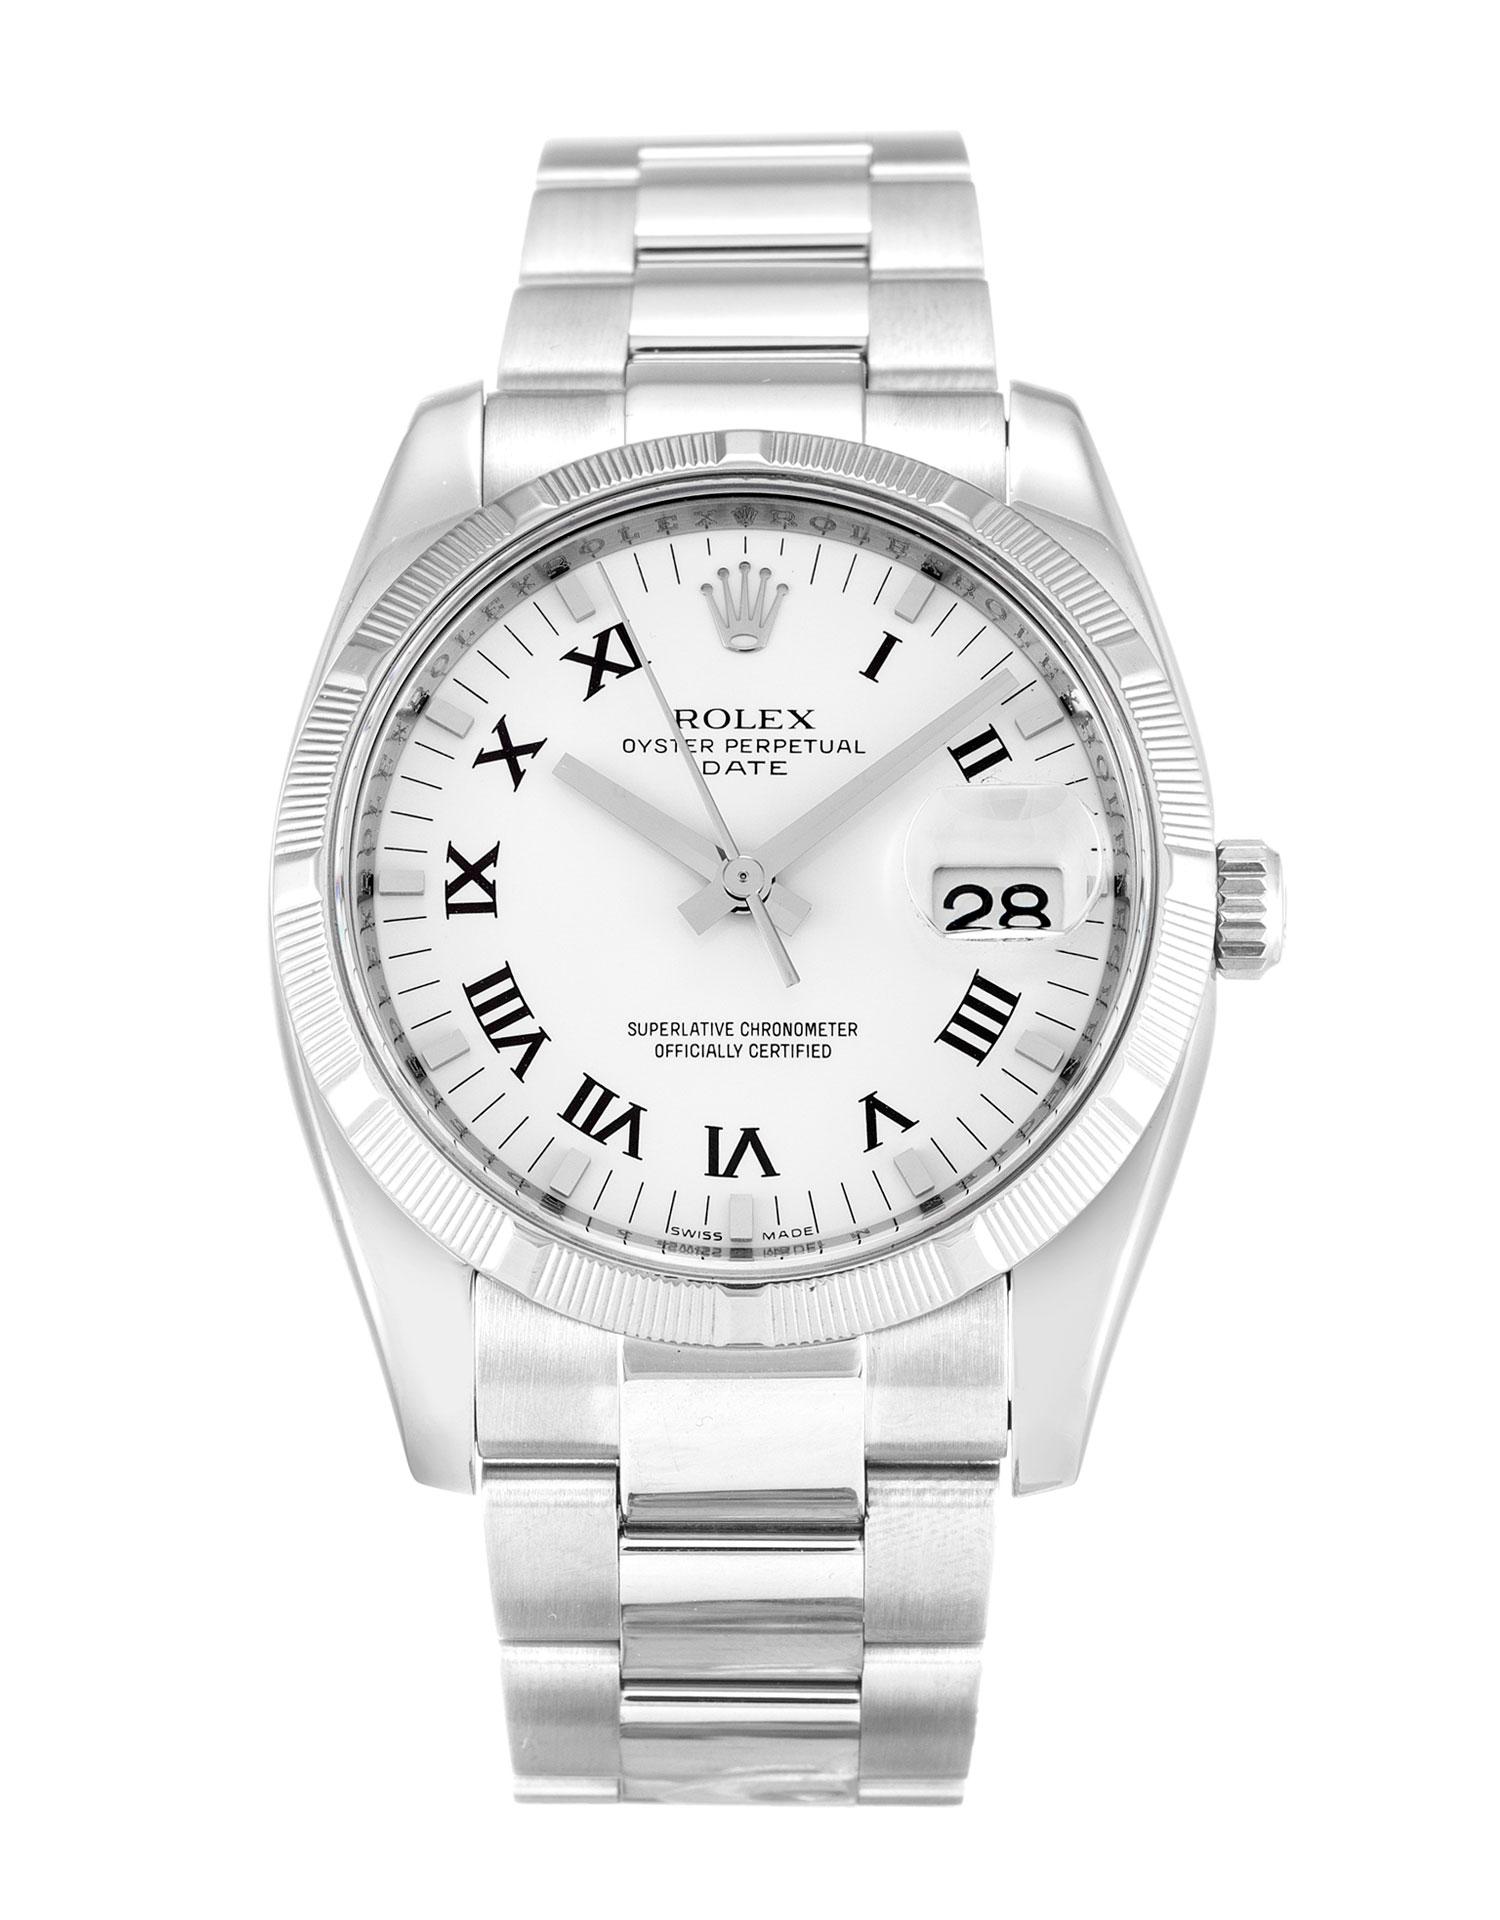 Az 1956-ban kiadott hamis Rolex Day-Date már az archetipikus karóra volt a  generált óráktól a generációk számára. Kizárólag a replika órák d7e9f794e4